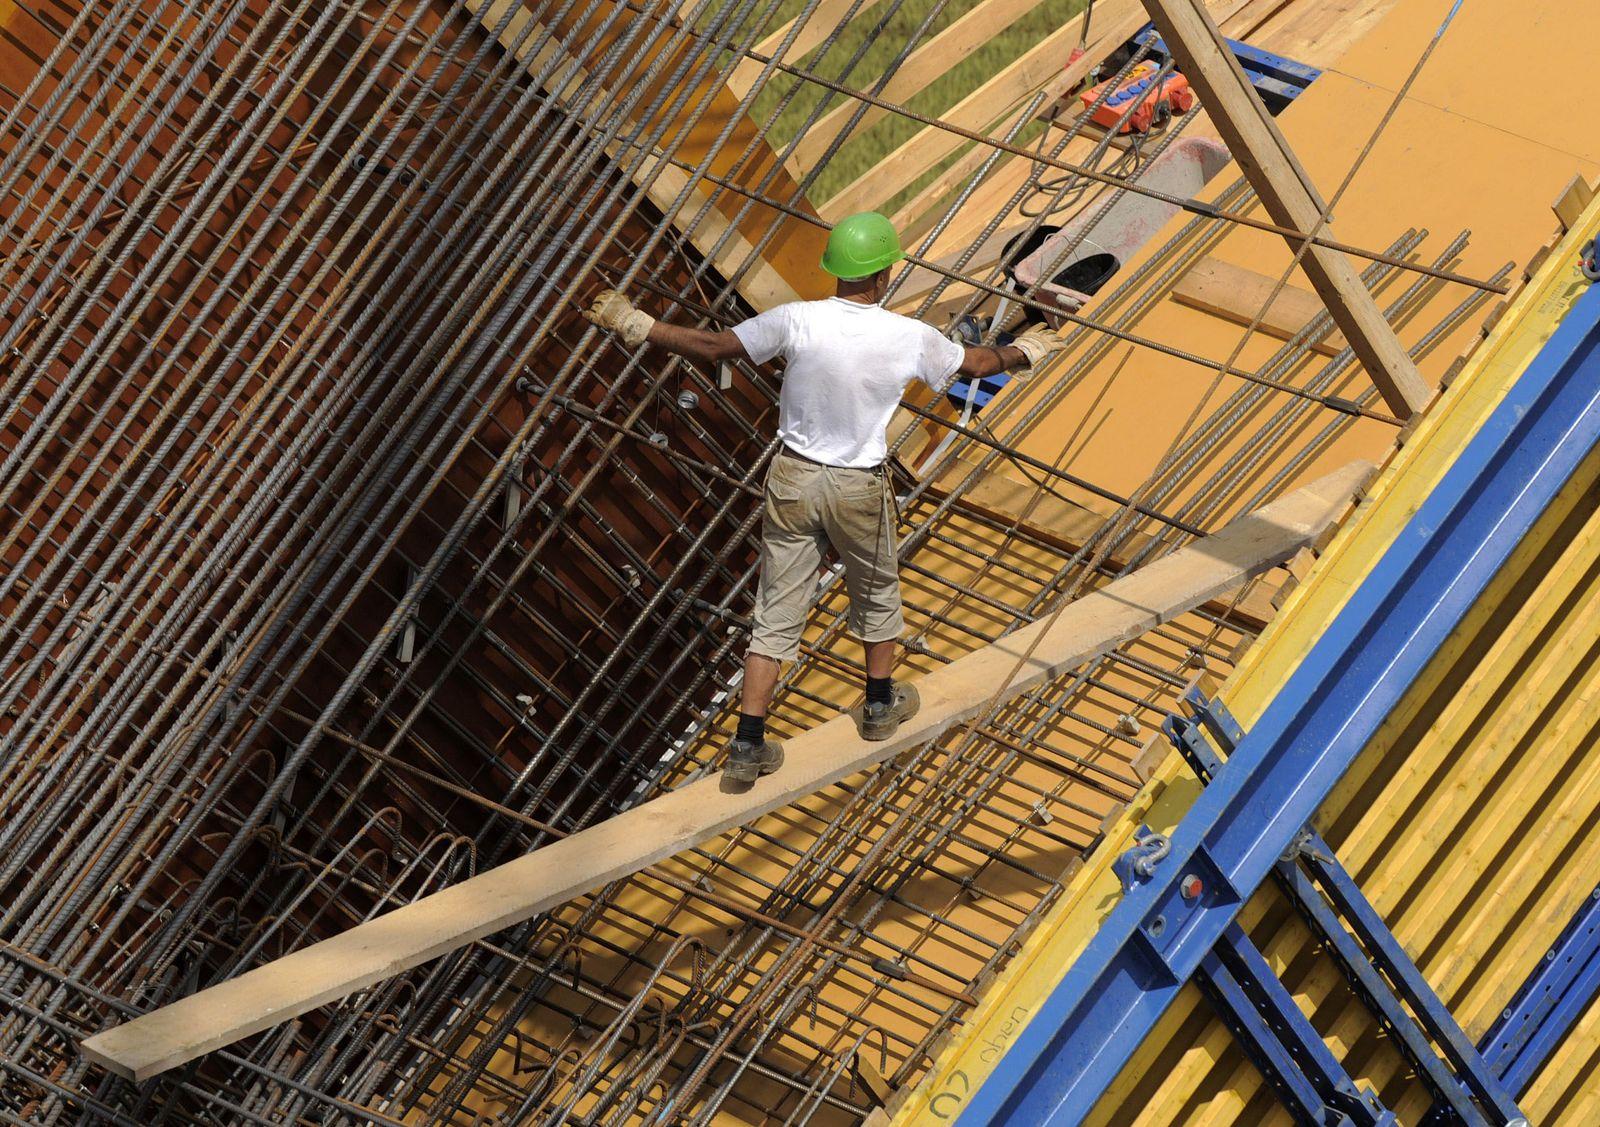 Konjunktur / Bauarbeiter